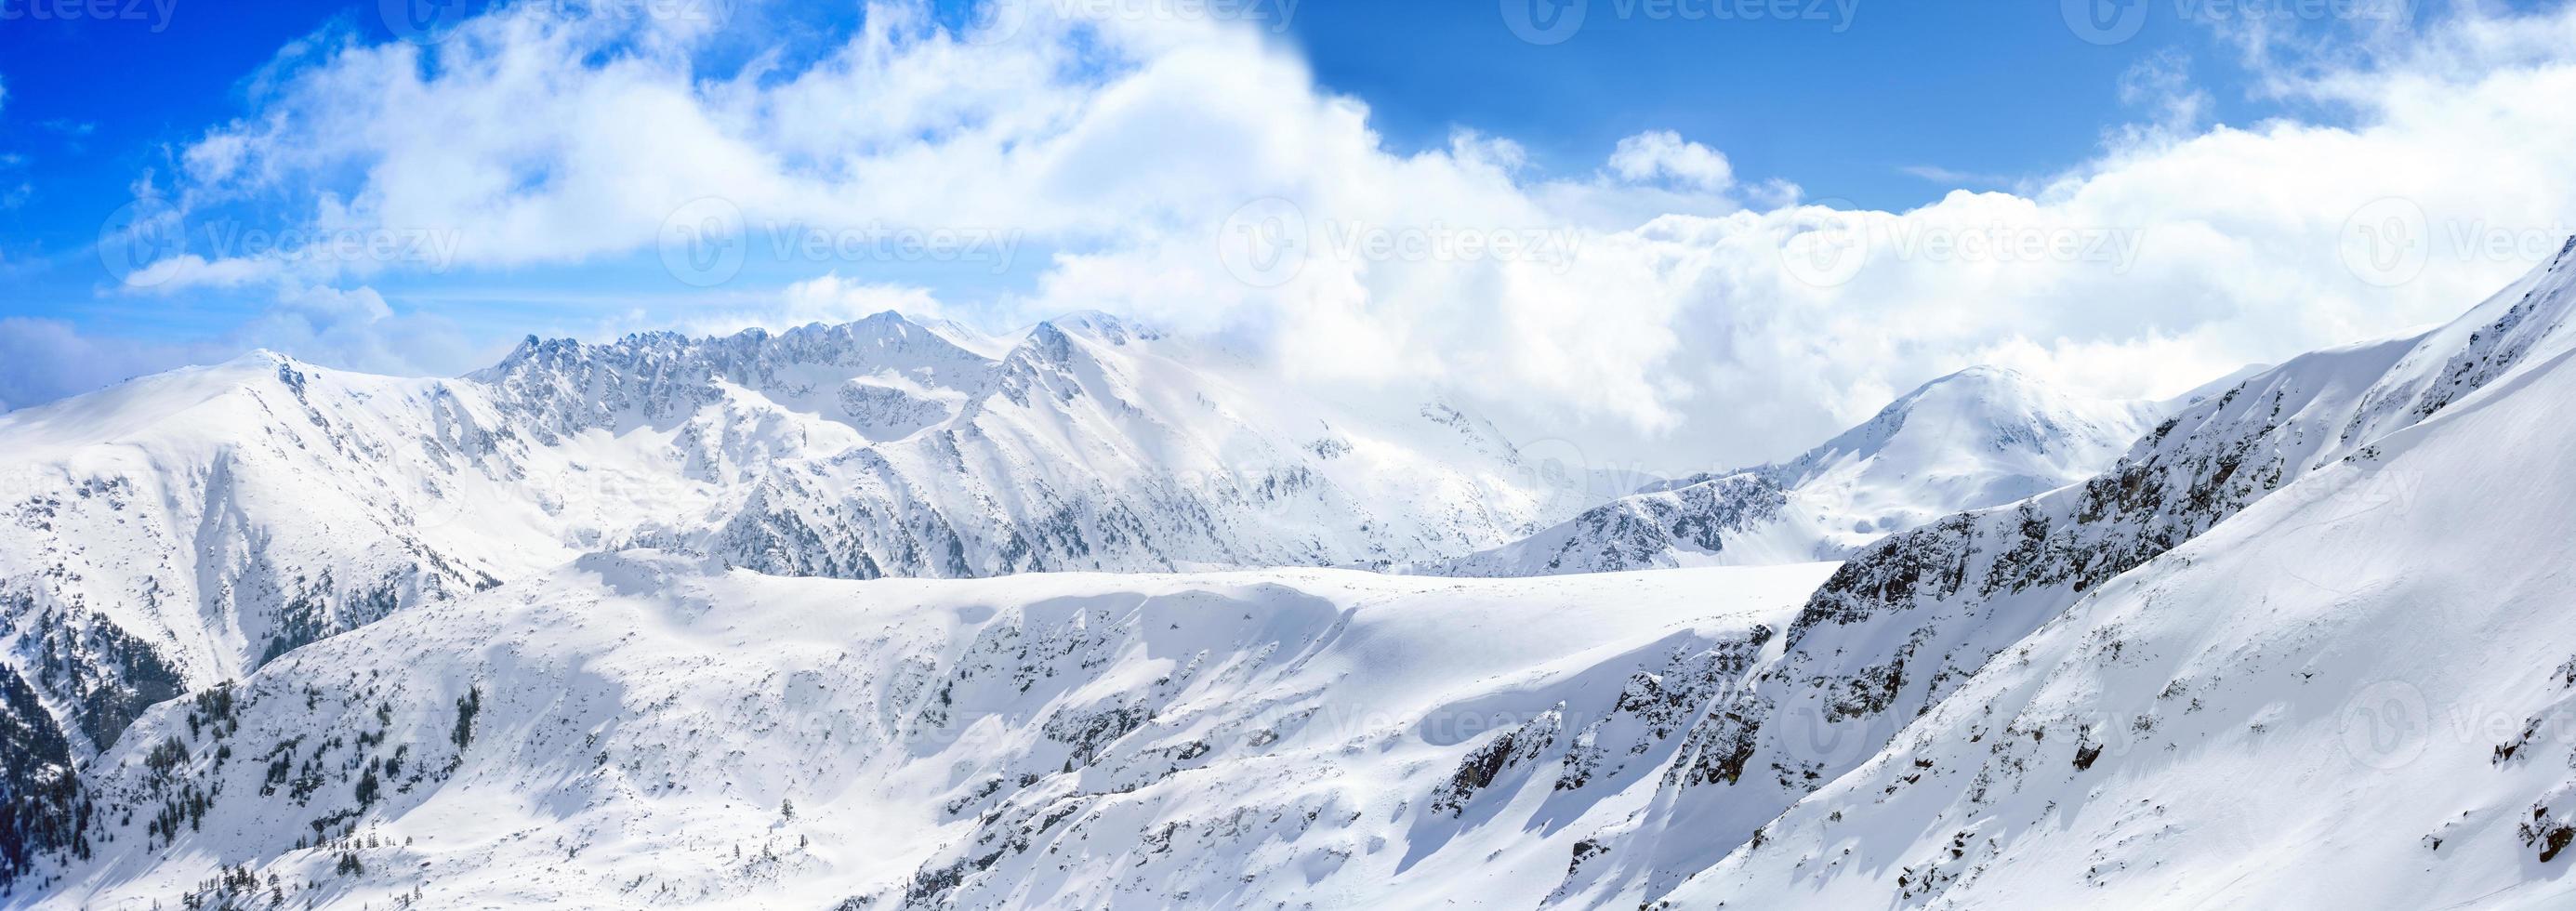 país das maravilhas do inverno na montanha foto